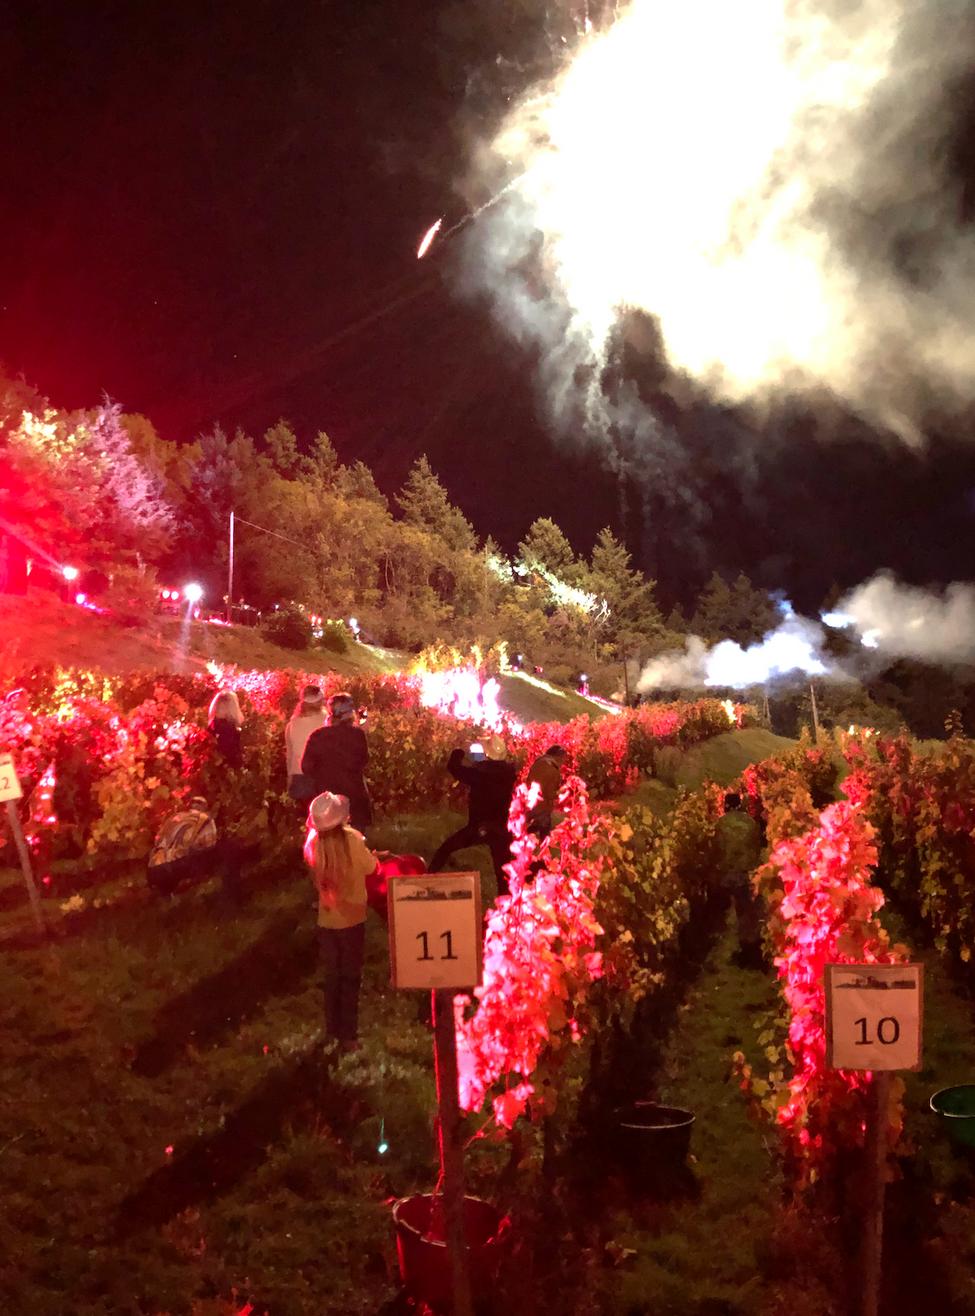 Vidéo à Saint-Alban : vendanges nocturnes en musique et sous un feu d'artifice !